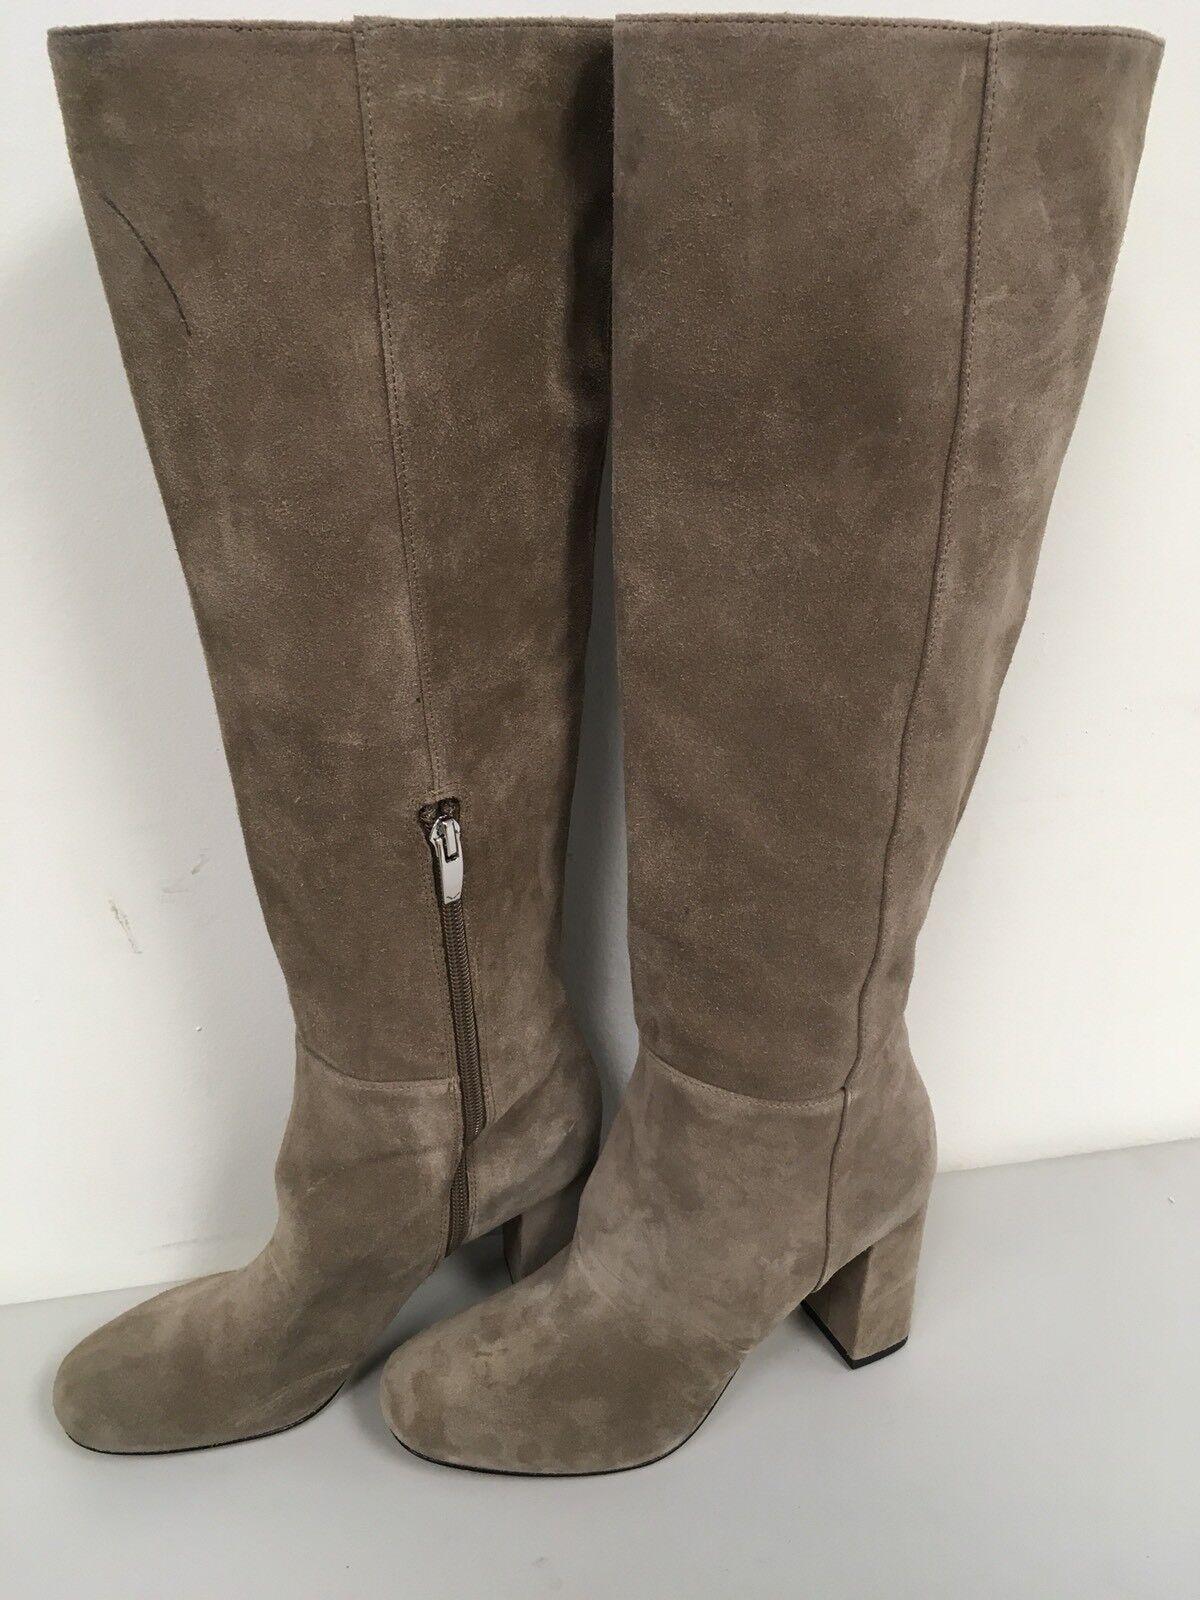 Via Spiga Mellie Mid Heel Stiefel Stiefel Stiefel Suede Größe 6.5M d973e1